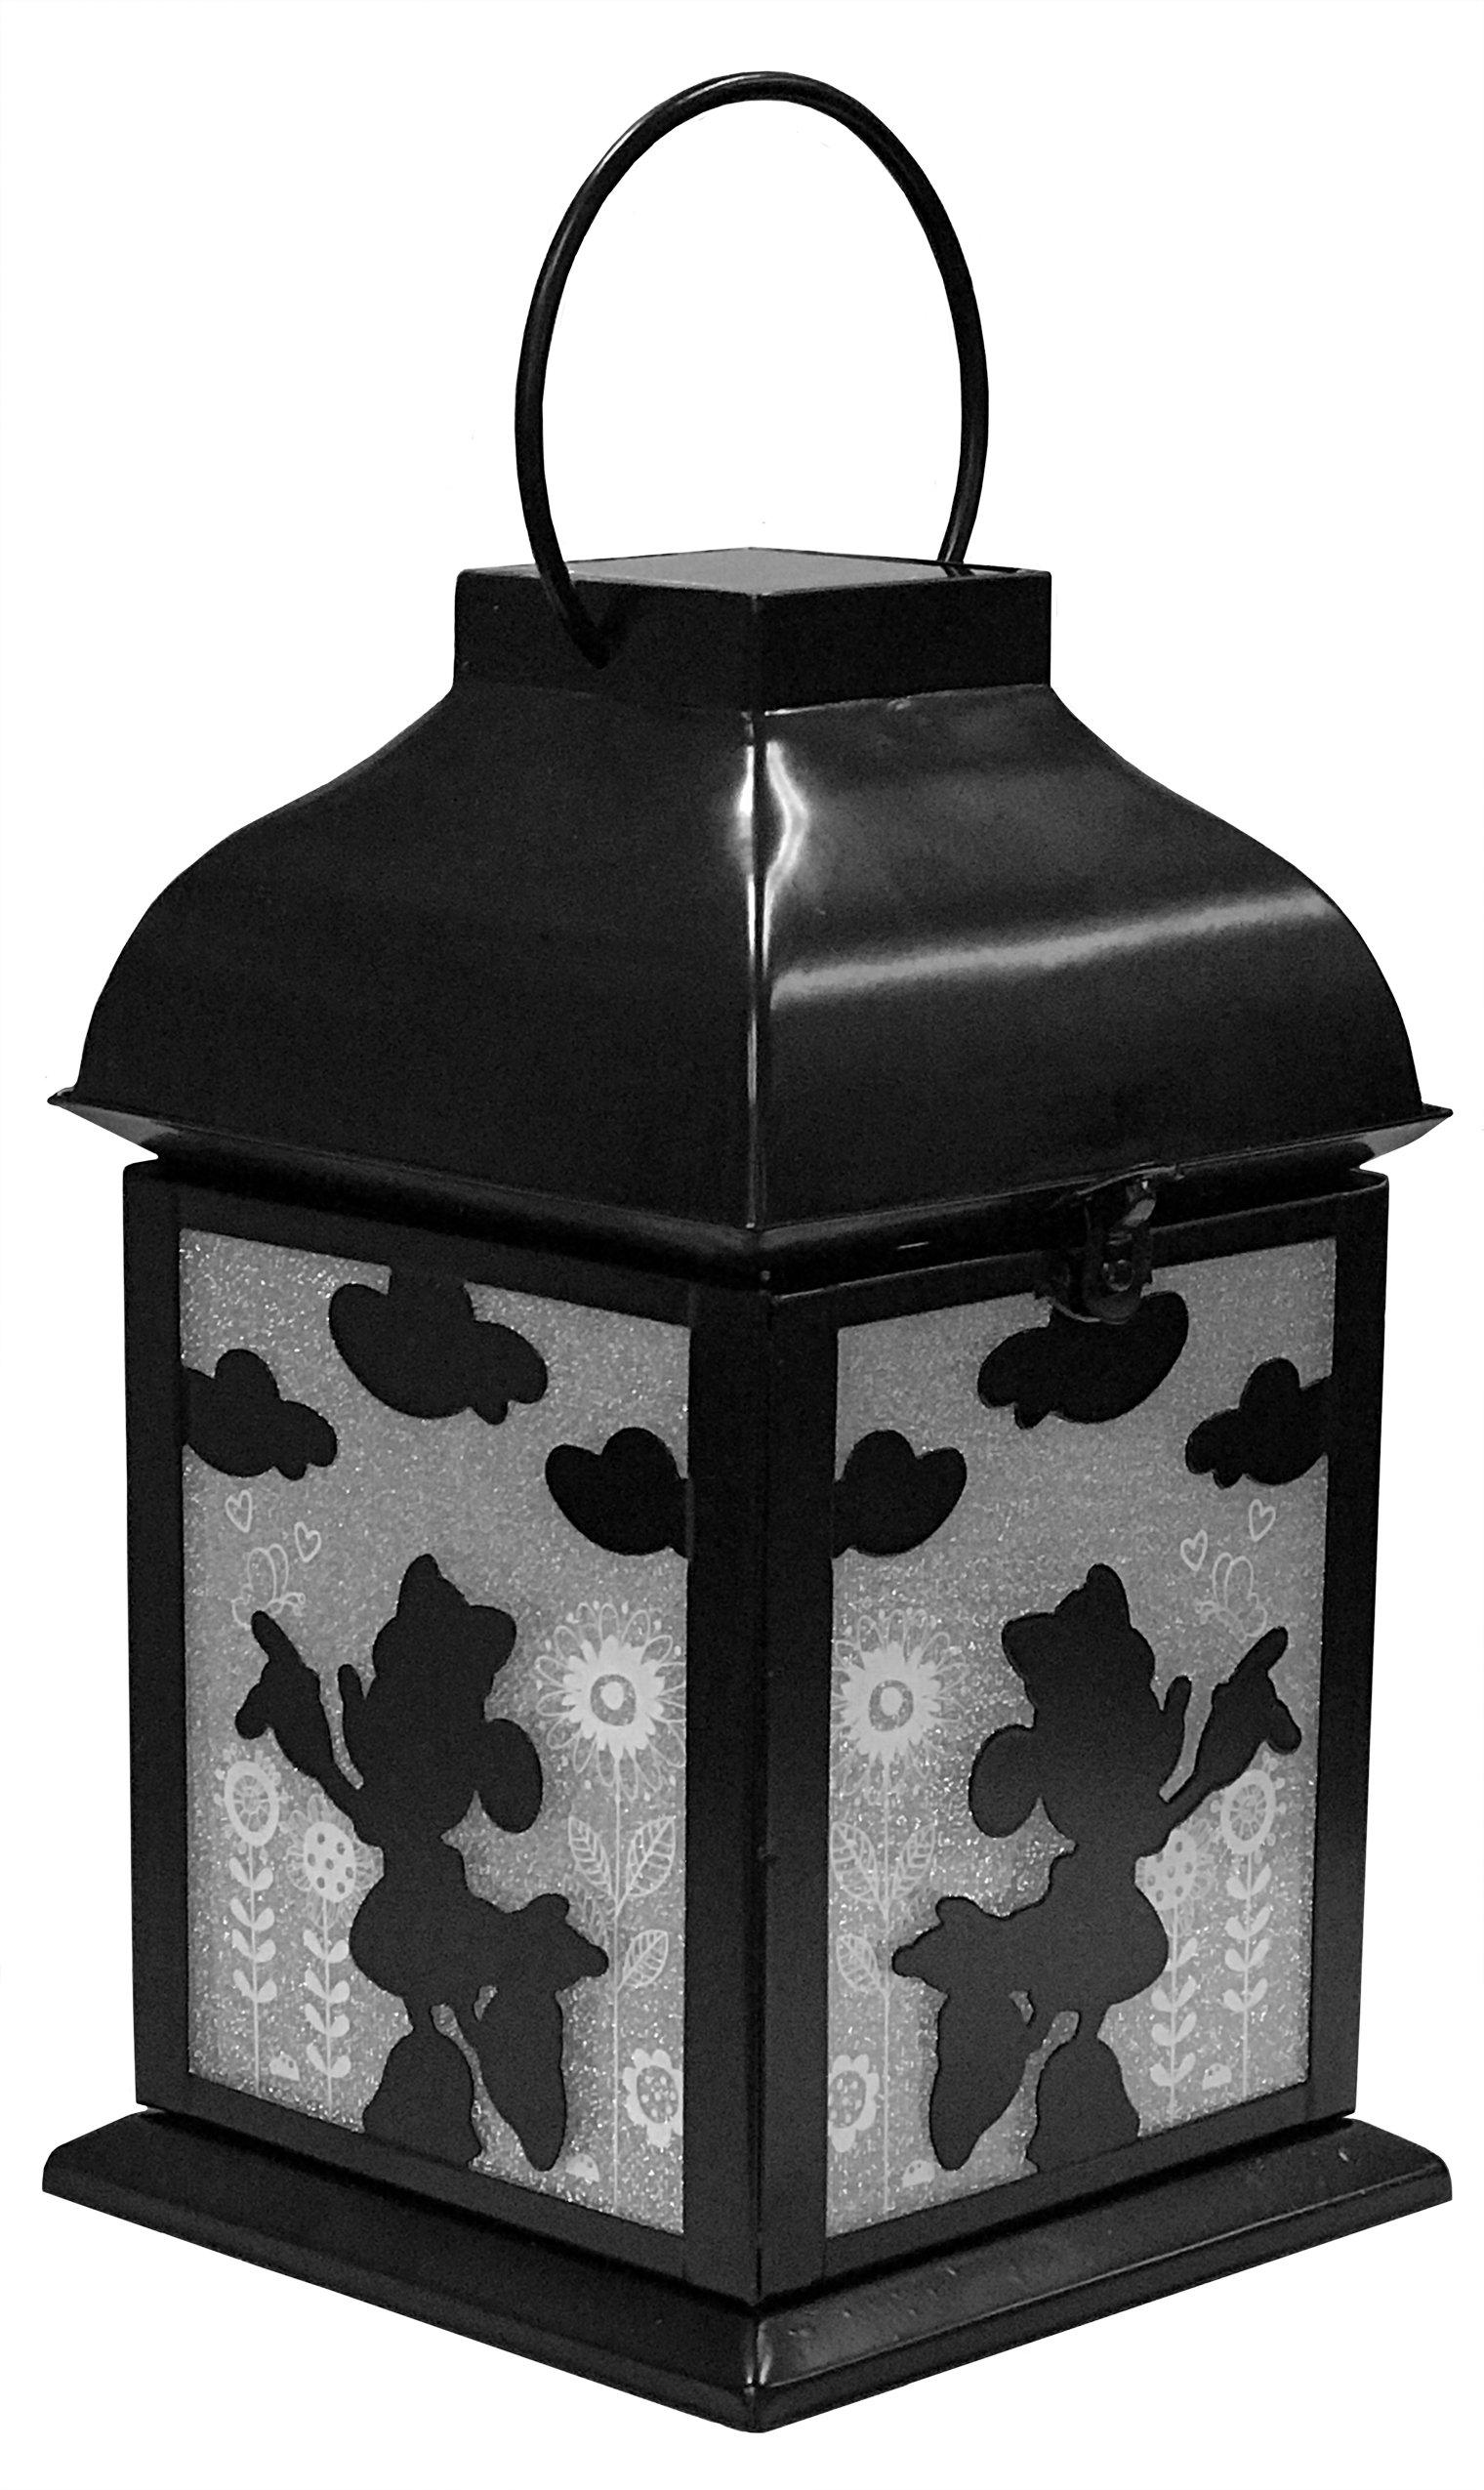 Design International Group Disney Minnie Solar, Metal Garden Lantern (LDG87926)